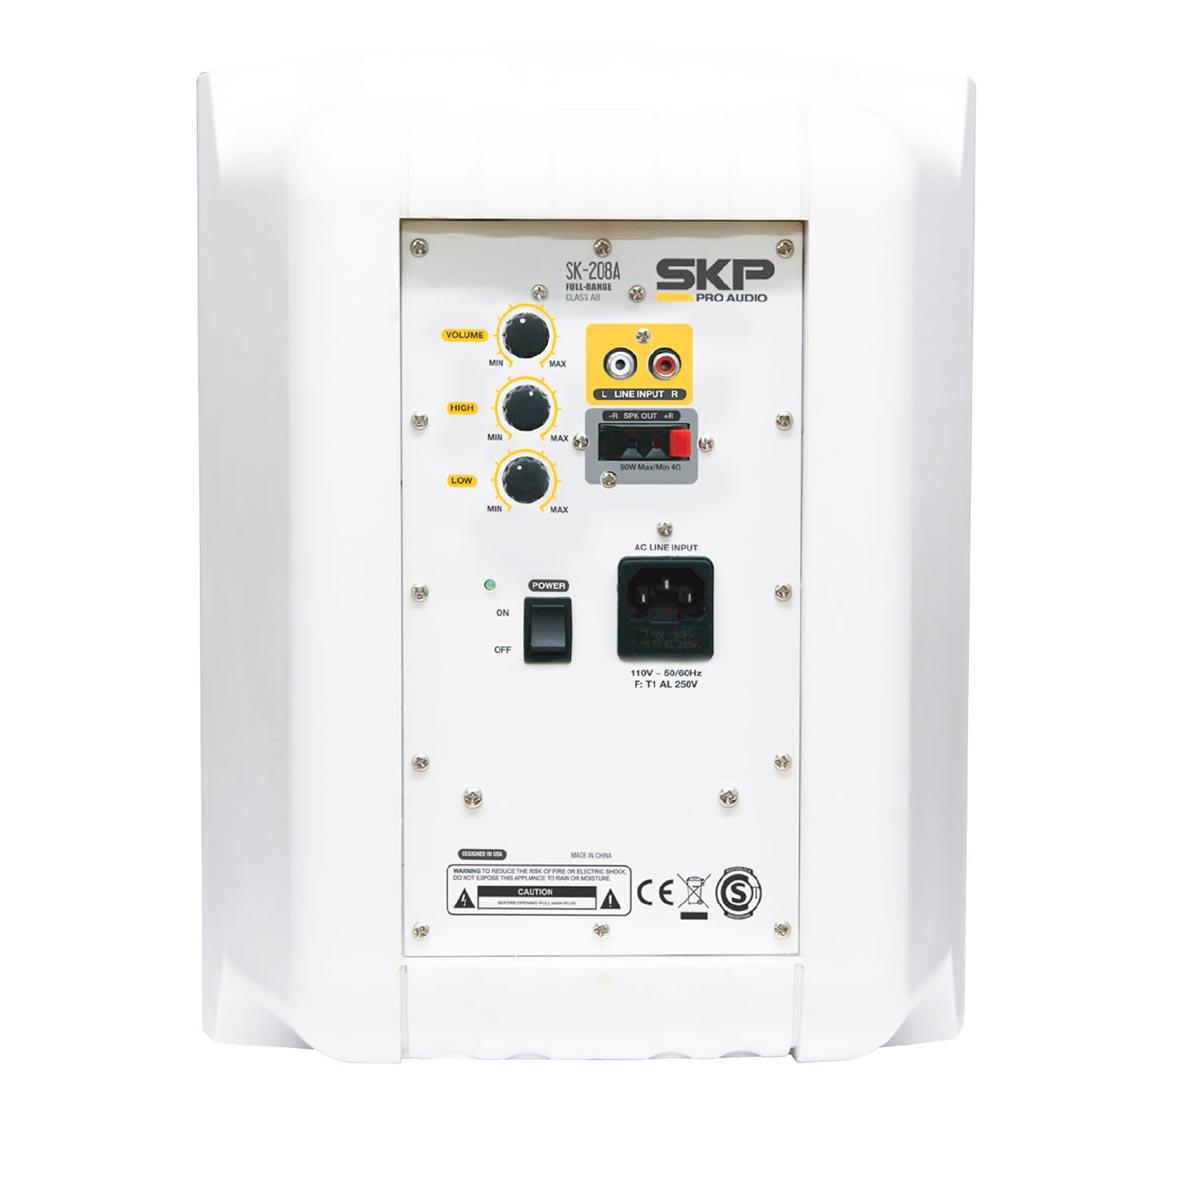 SK208A - Caixa Ativa 100W Branca c/ Suporte 220V ( Par ) SK 208 A - SKP